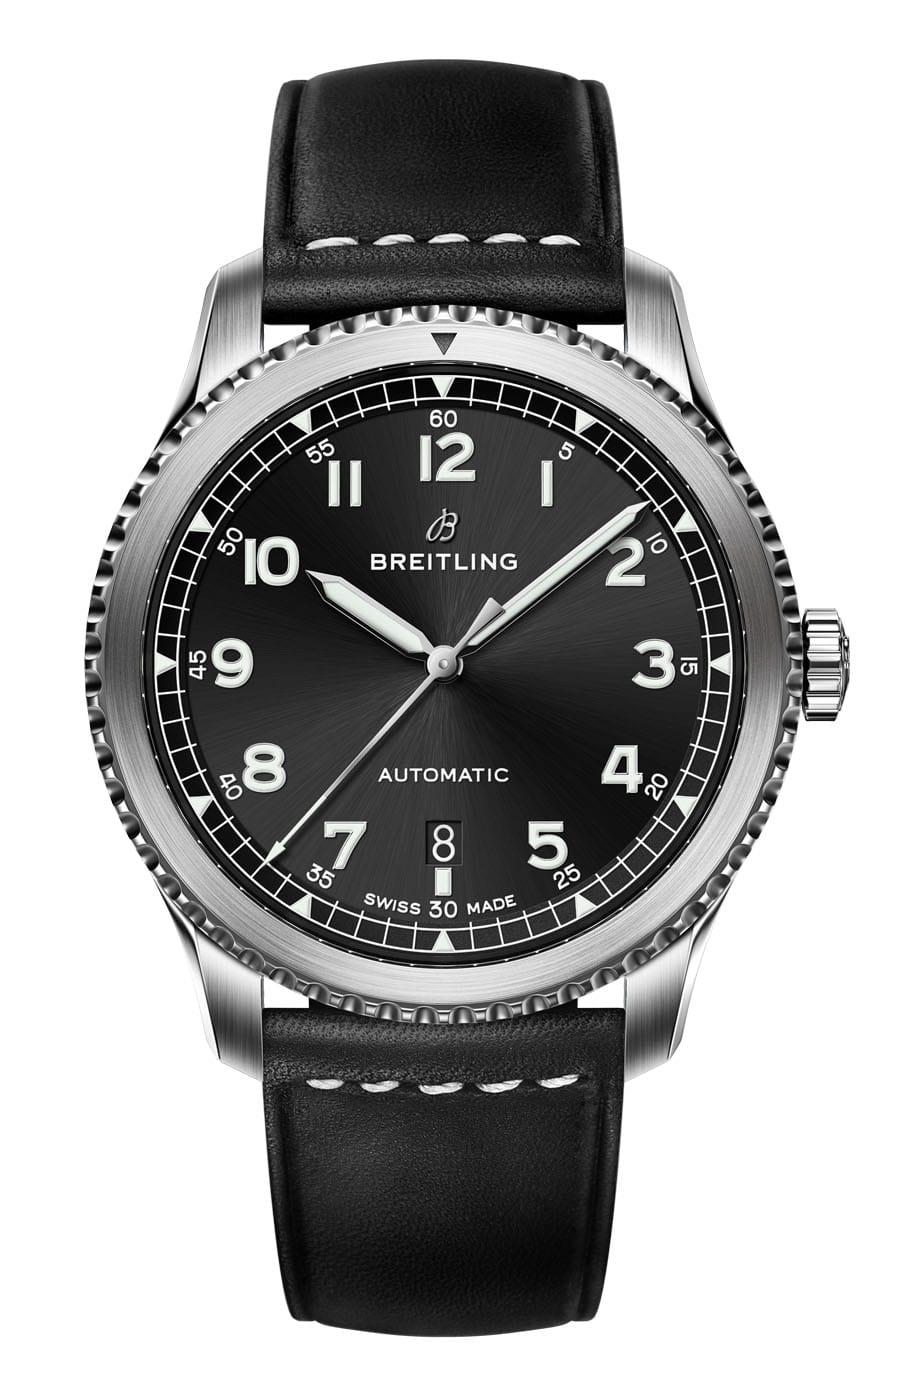 Breitling Navitimer 8 Automatic mit schwarzem Zifferblatt und Lederband